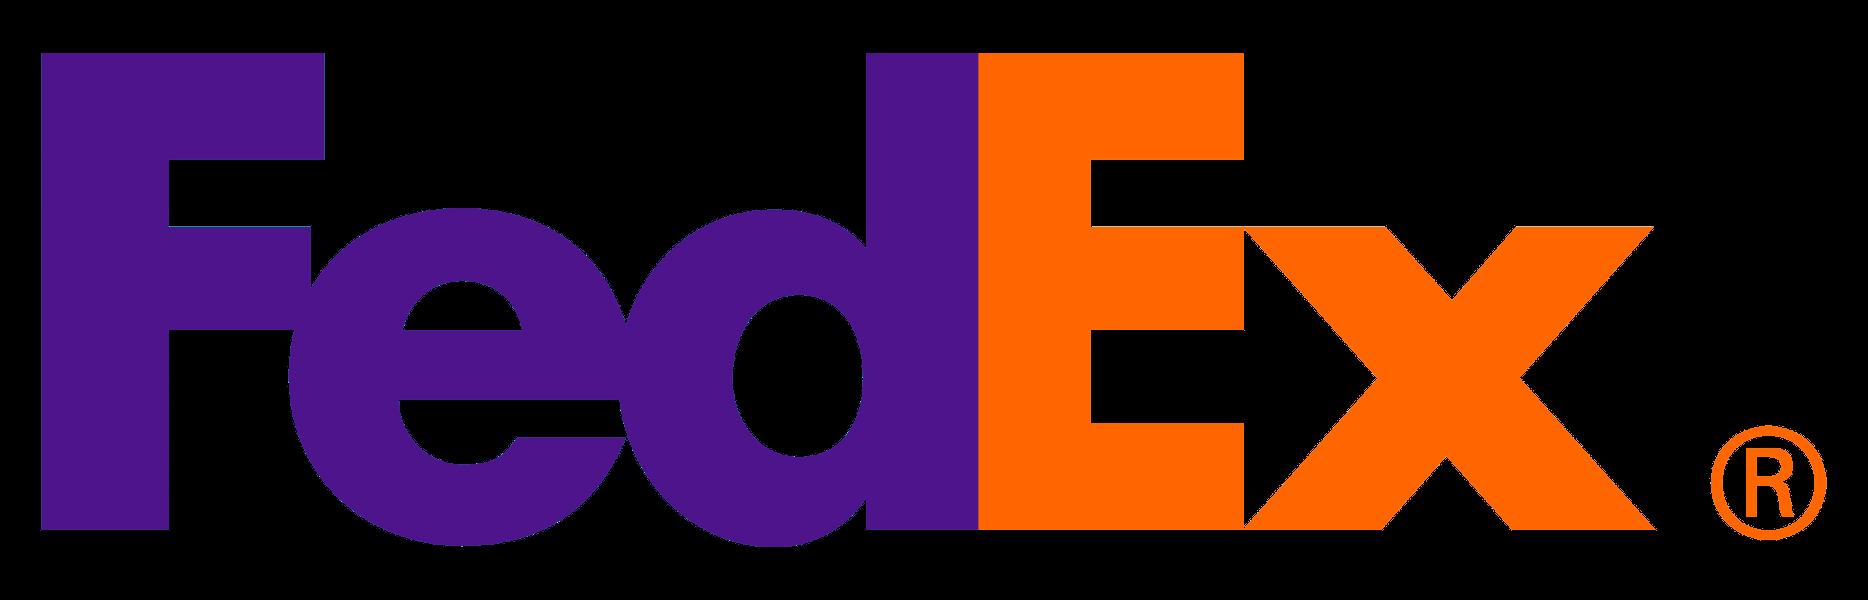 Kurier FedEx, firma kurierska FedEx, logotyp FedEx